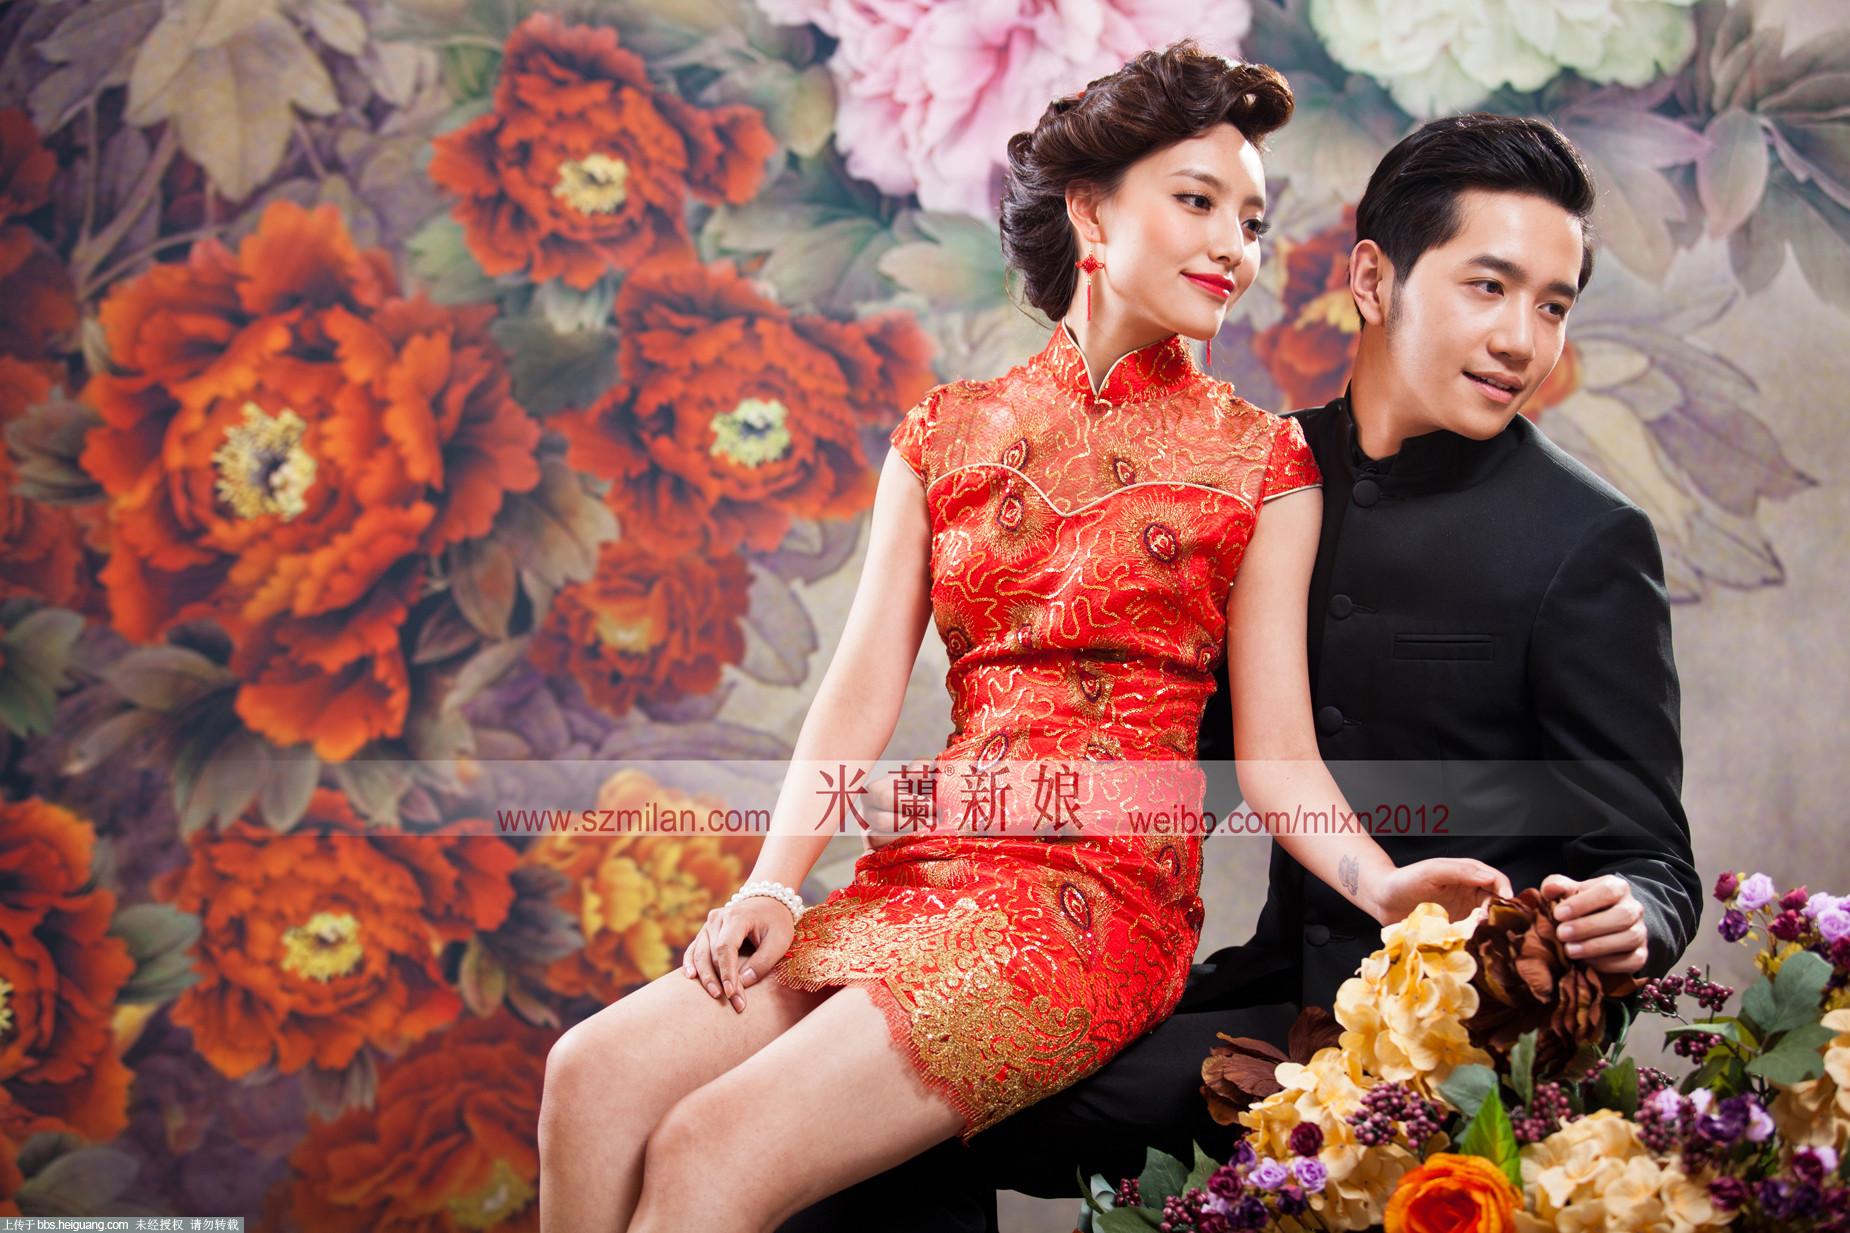 【深圳婚纱摄影米兰新娘】中国古典旗袍图片